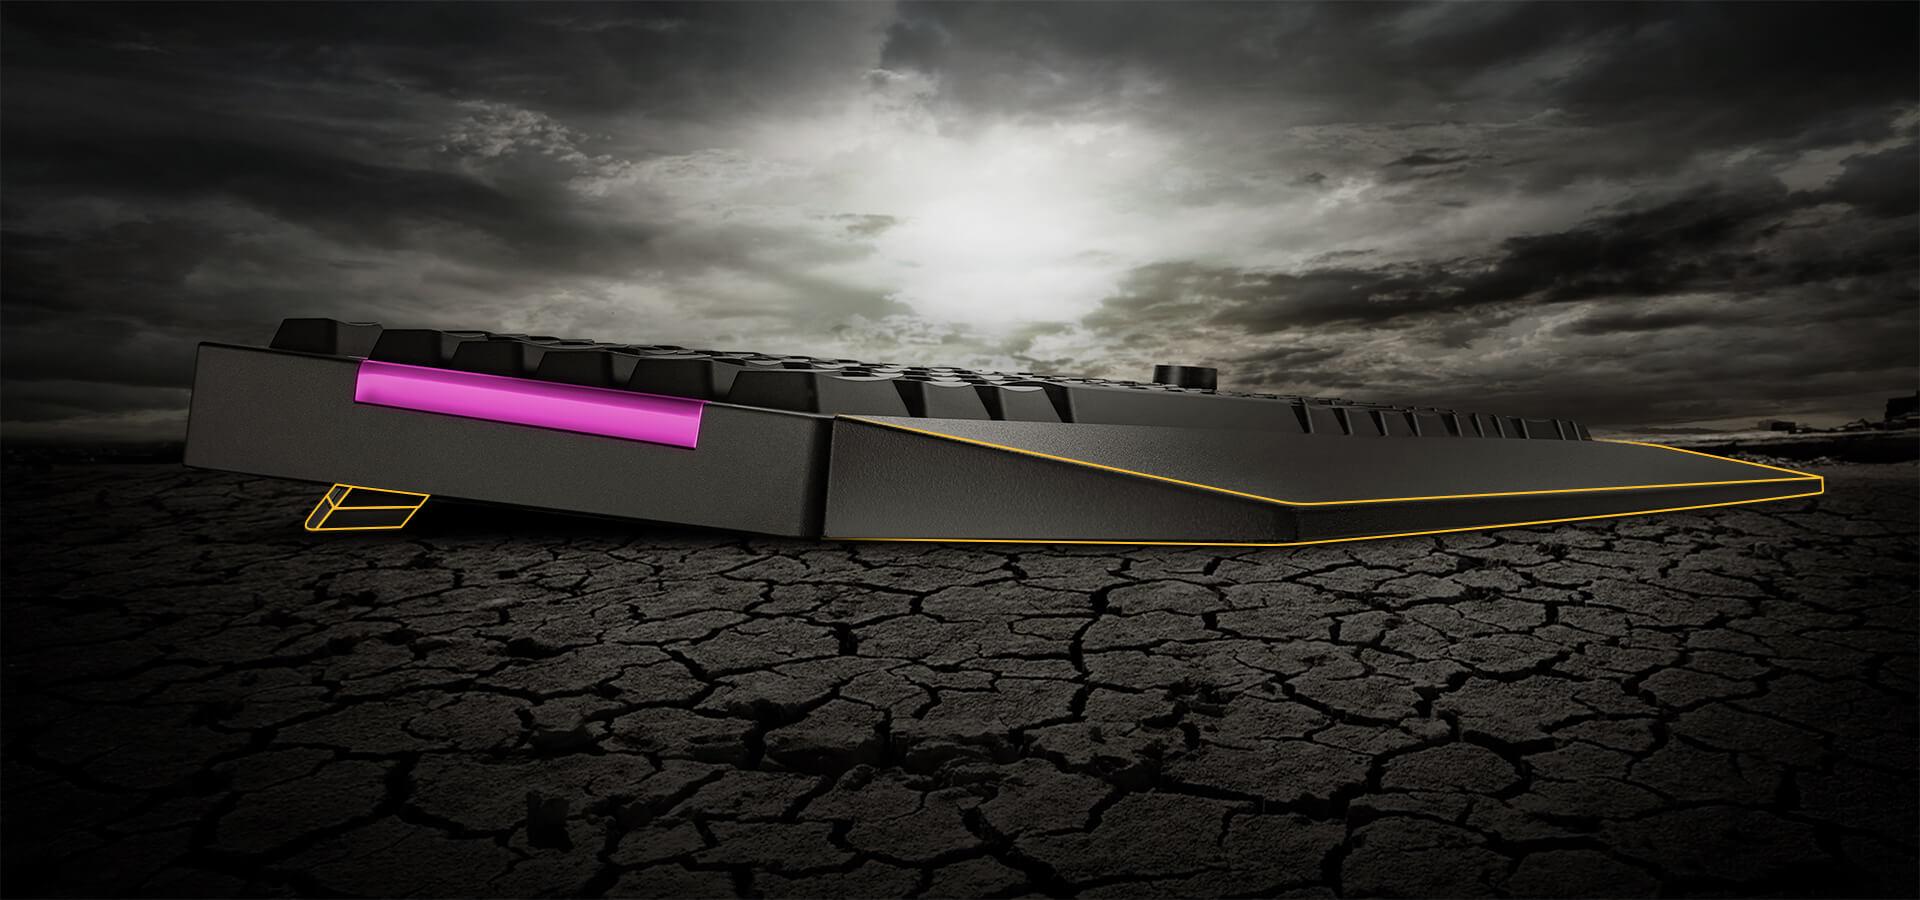 Kê tay và chân chống của Bàn phím Gaming Asus TUF K1 RGB